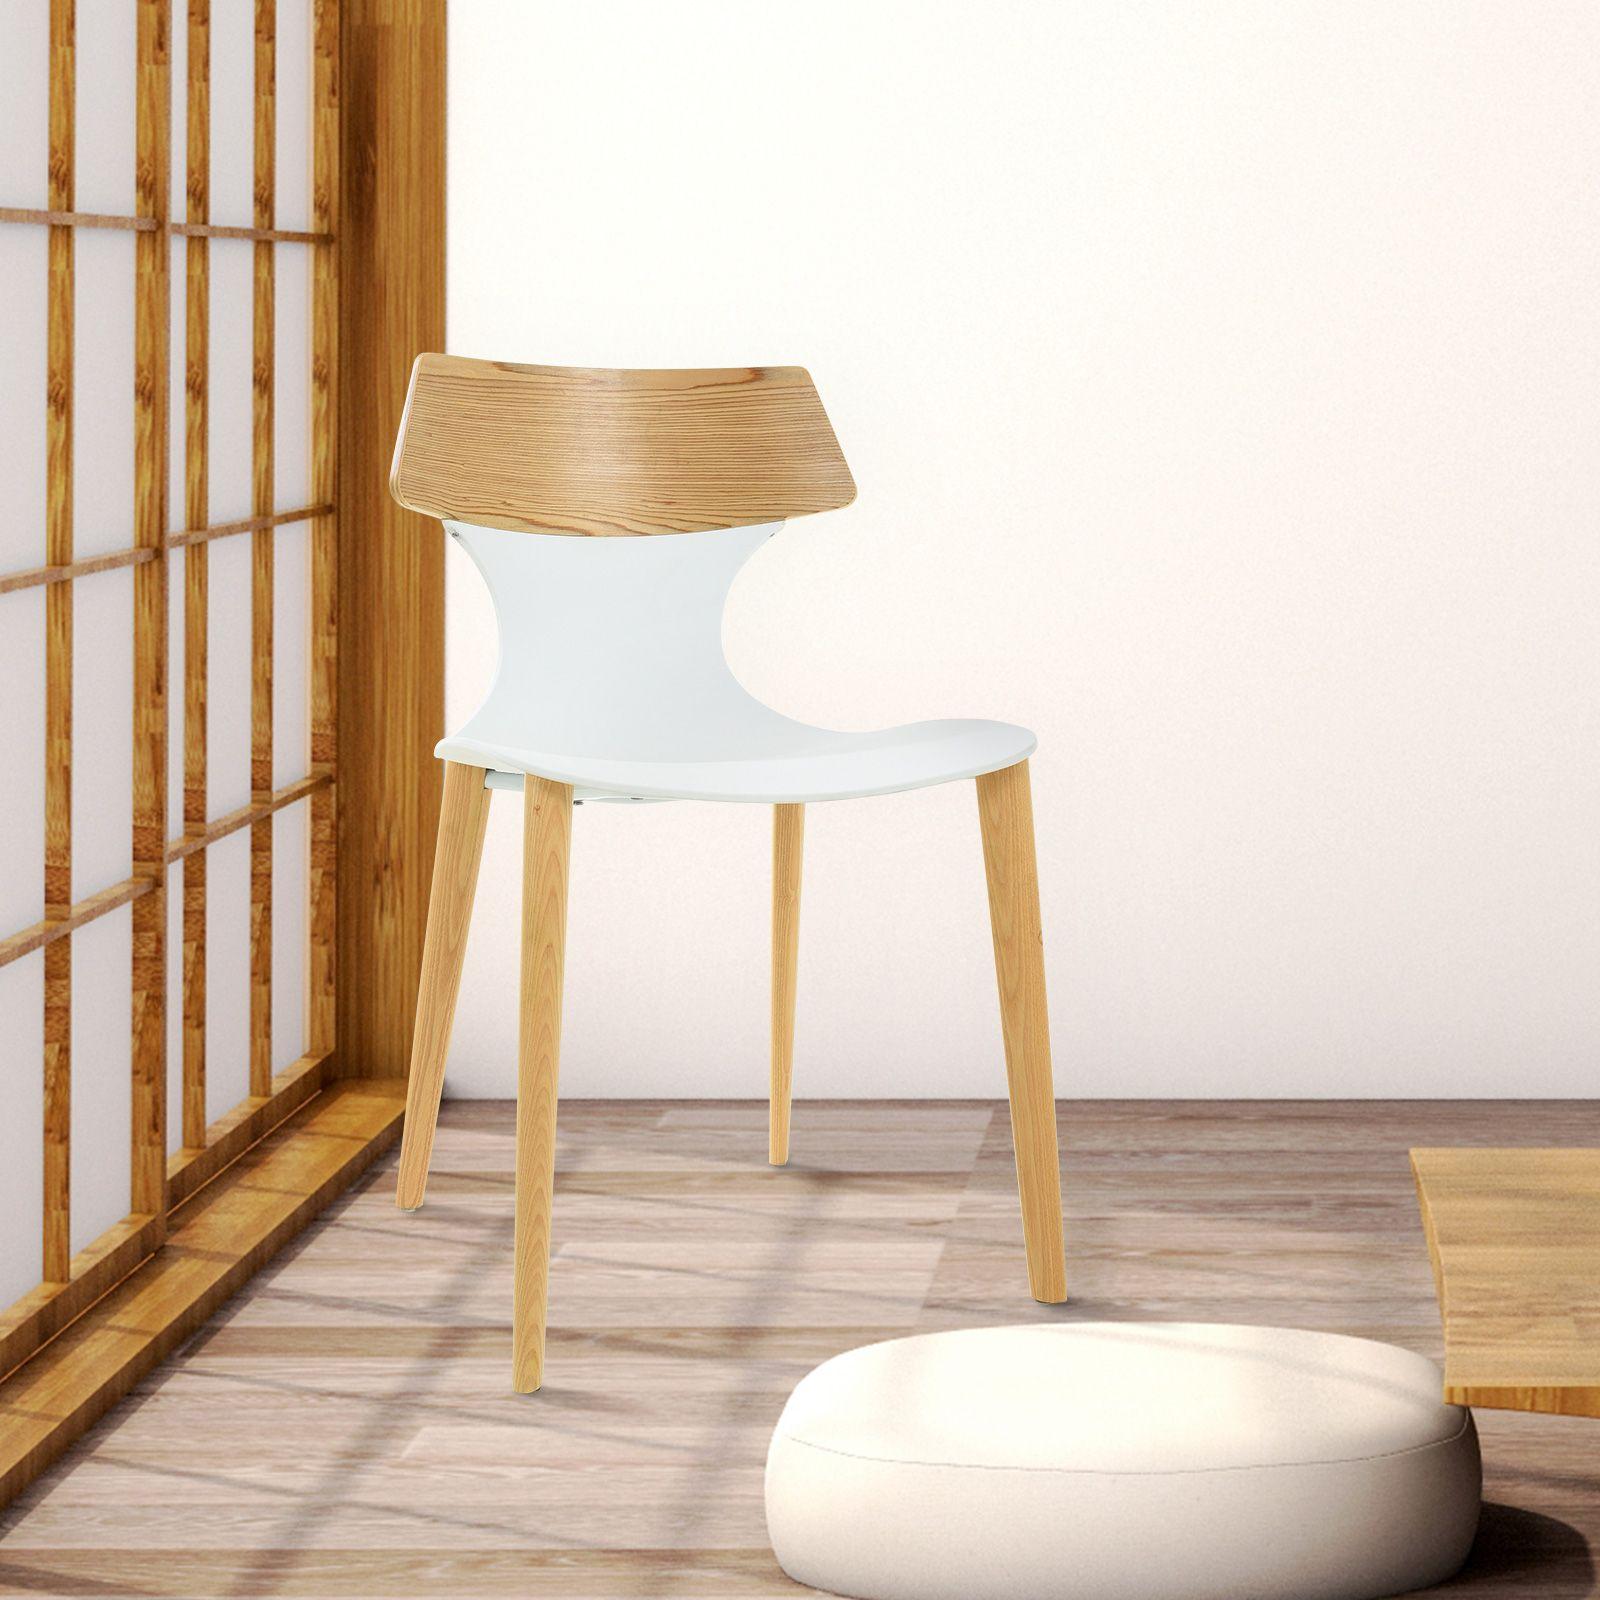 JANITZ   Silla de madera de fresno natural y policarbonato (49 x 49,5 x 79 cm)